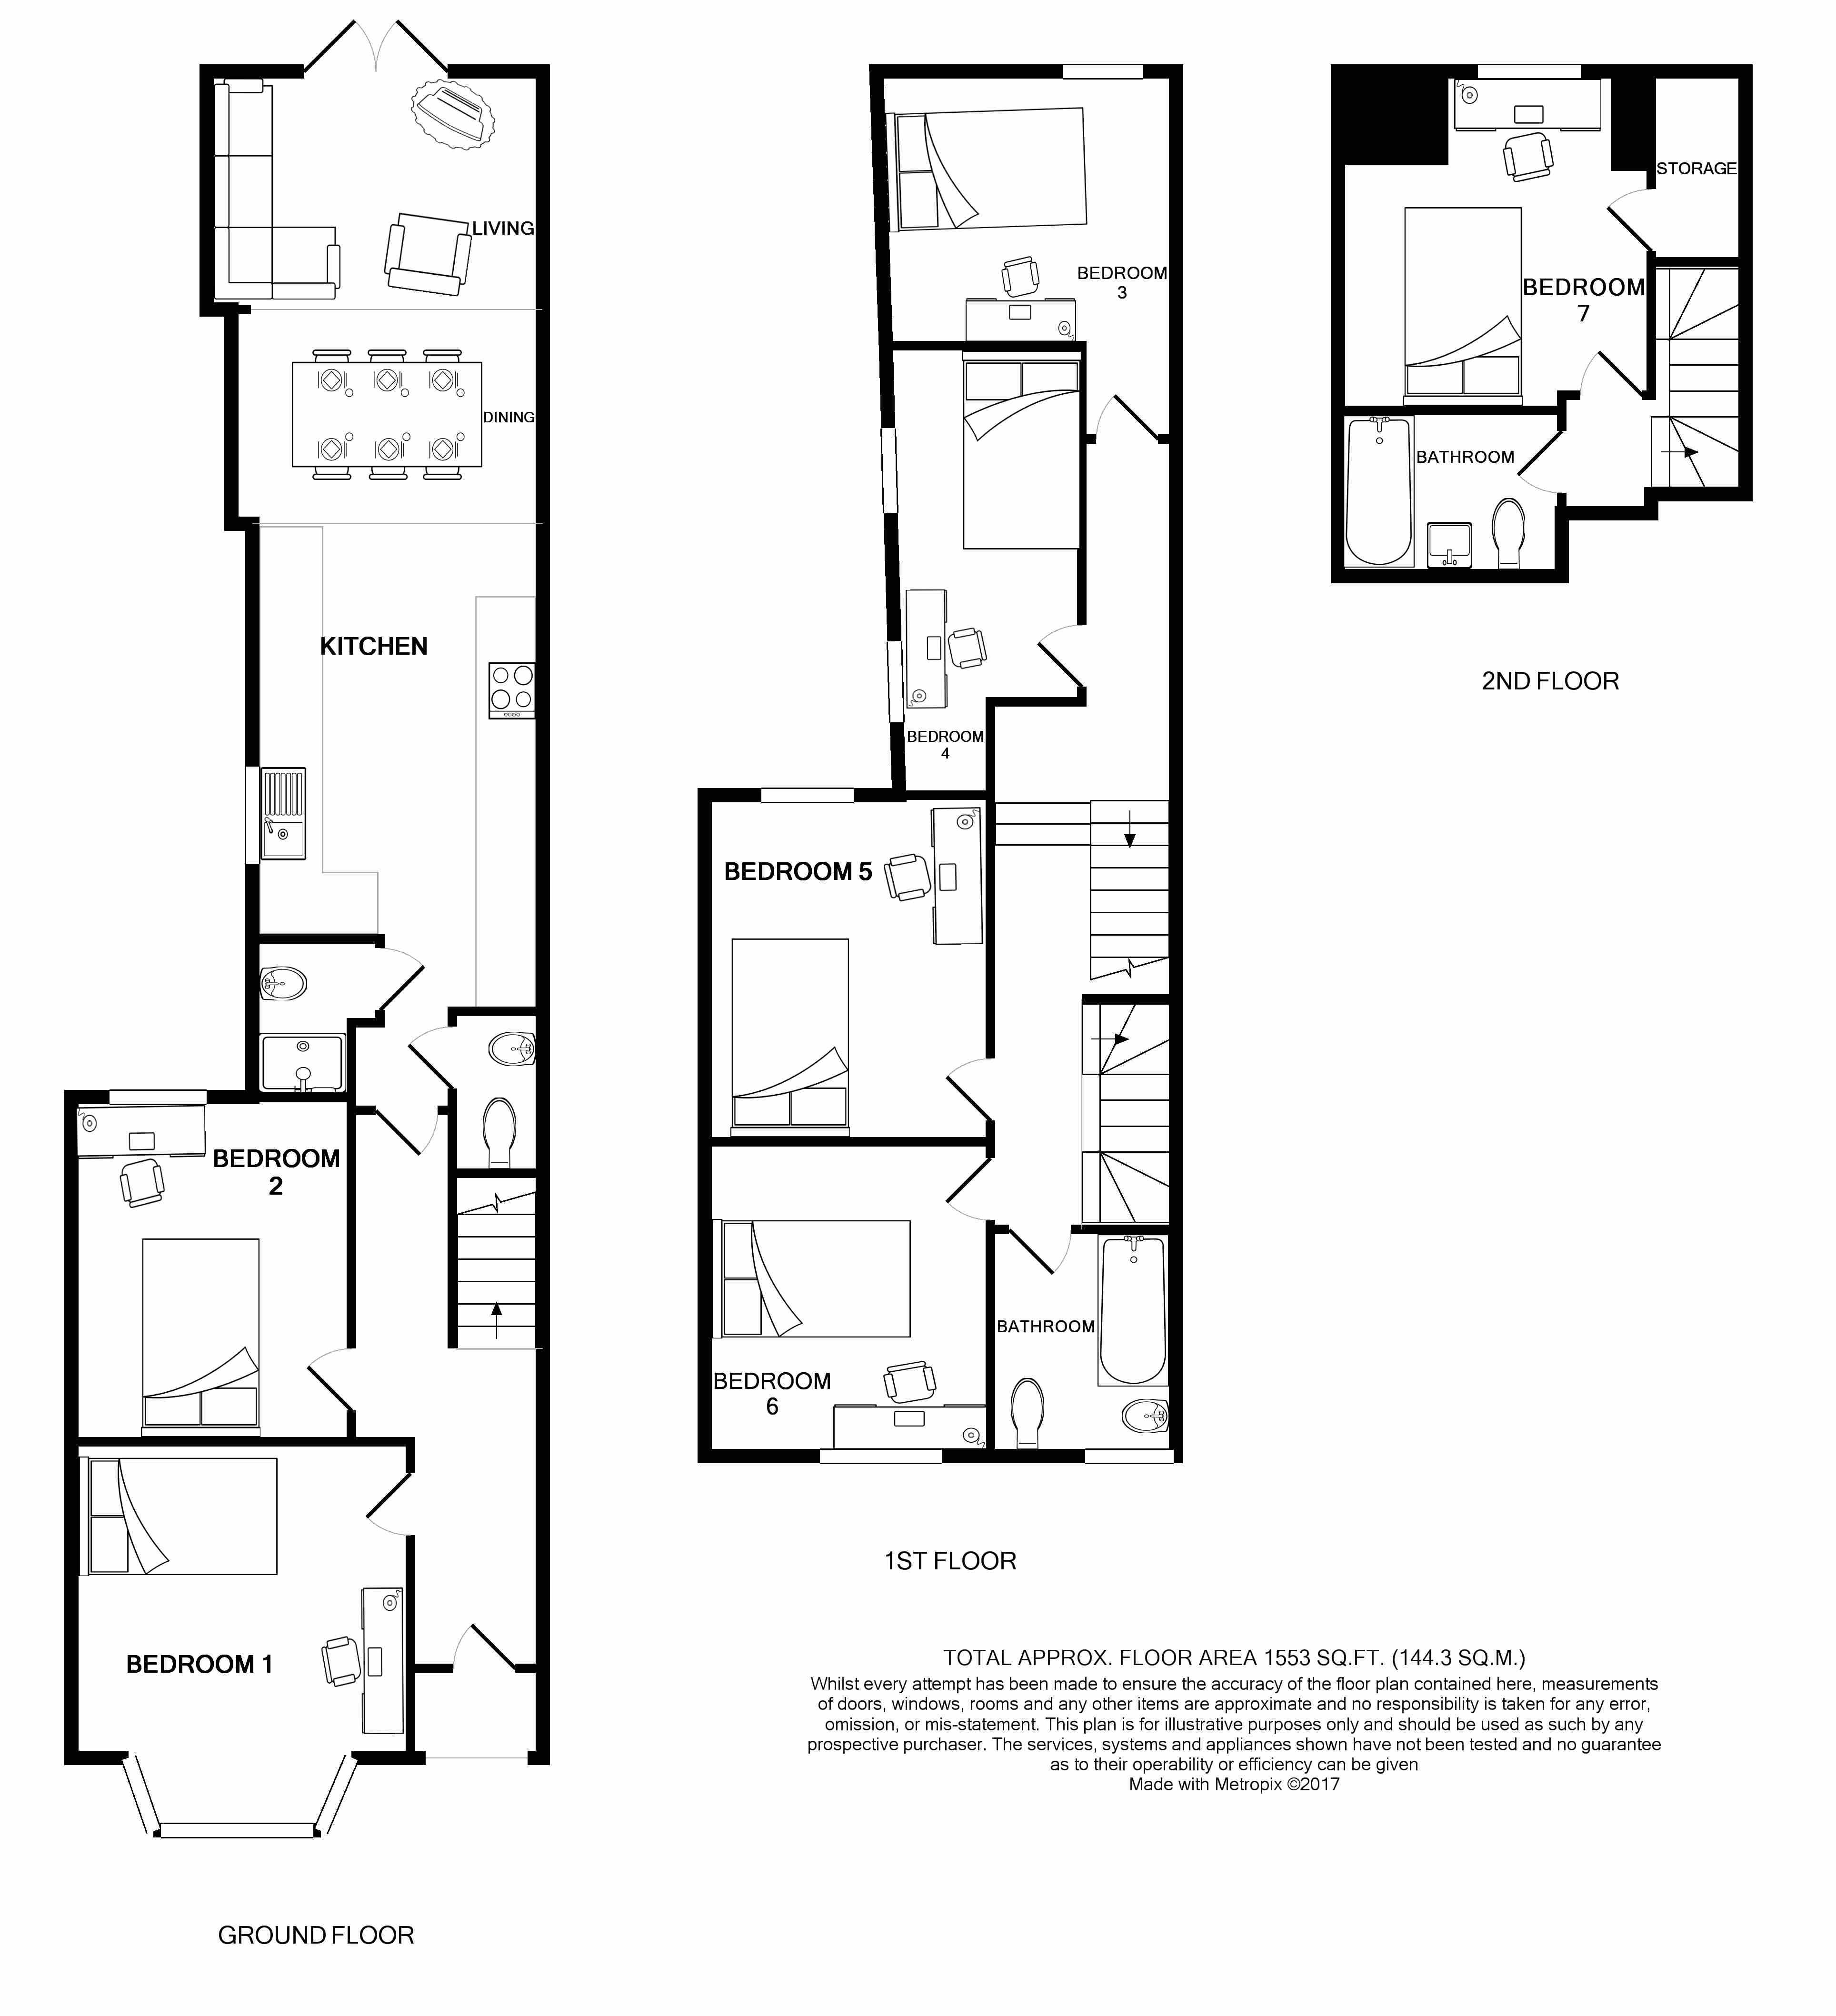 5 Lochaber Street Floorplans